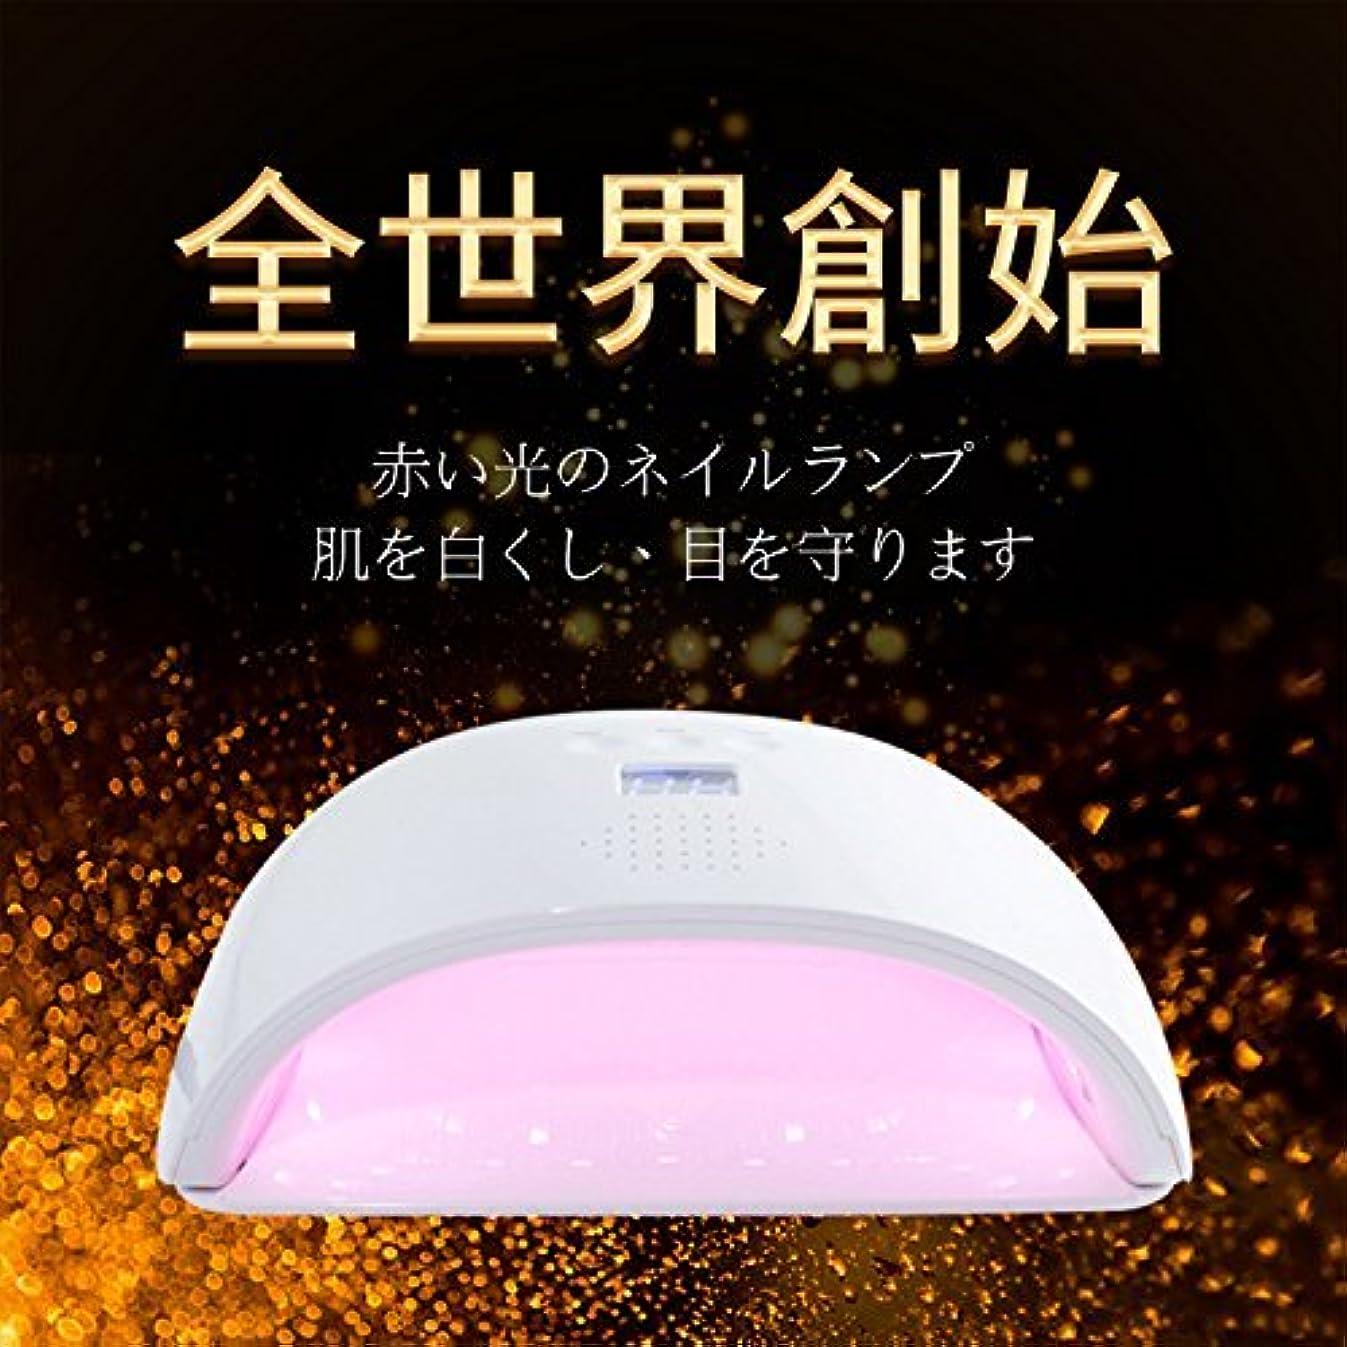 有効な候補者スイッチHalicer 48W UV LED ネイルドライヤー 人感センサー 自動オンオフ 30S/60S/90Sタイマー設定 取り外し式 手と足両用 22粒UV LDEダブルライト